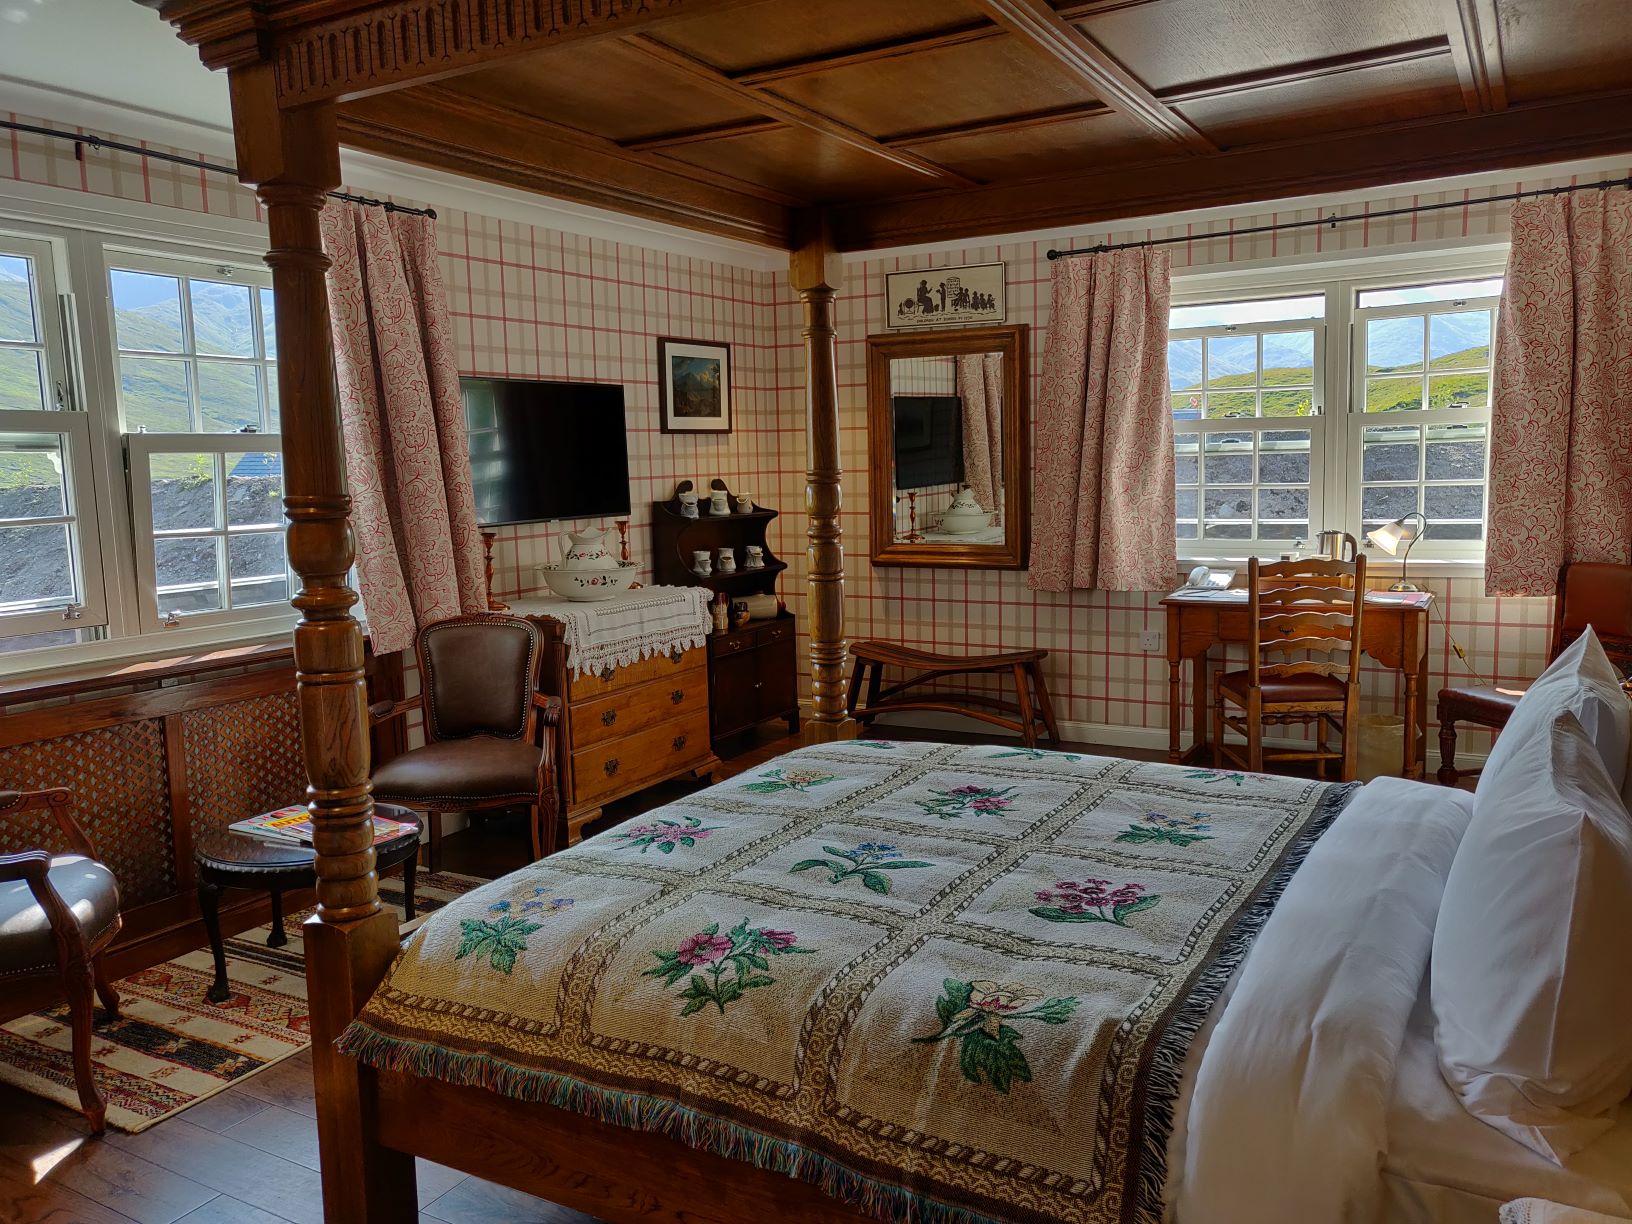 Inside the Cluanie Inn